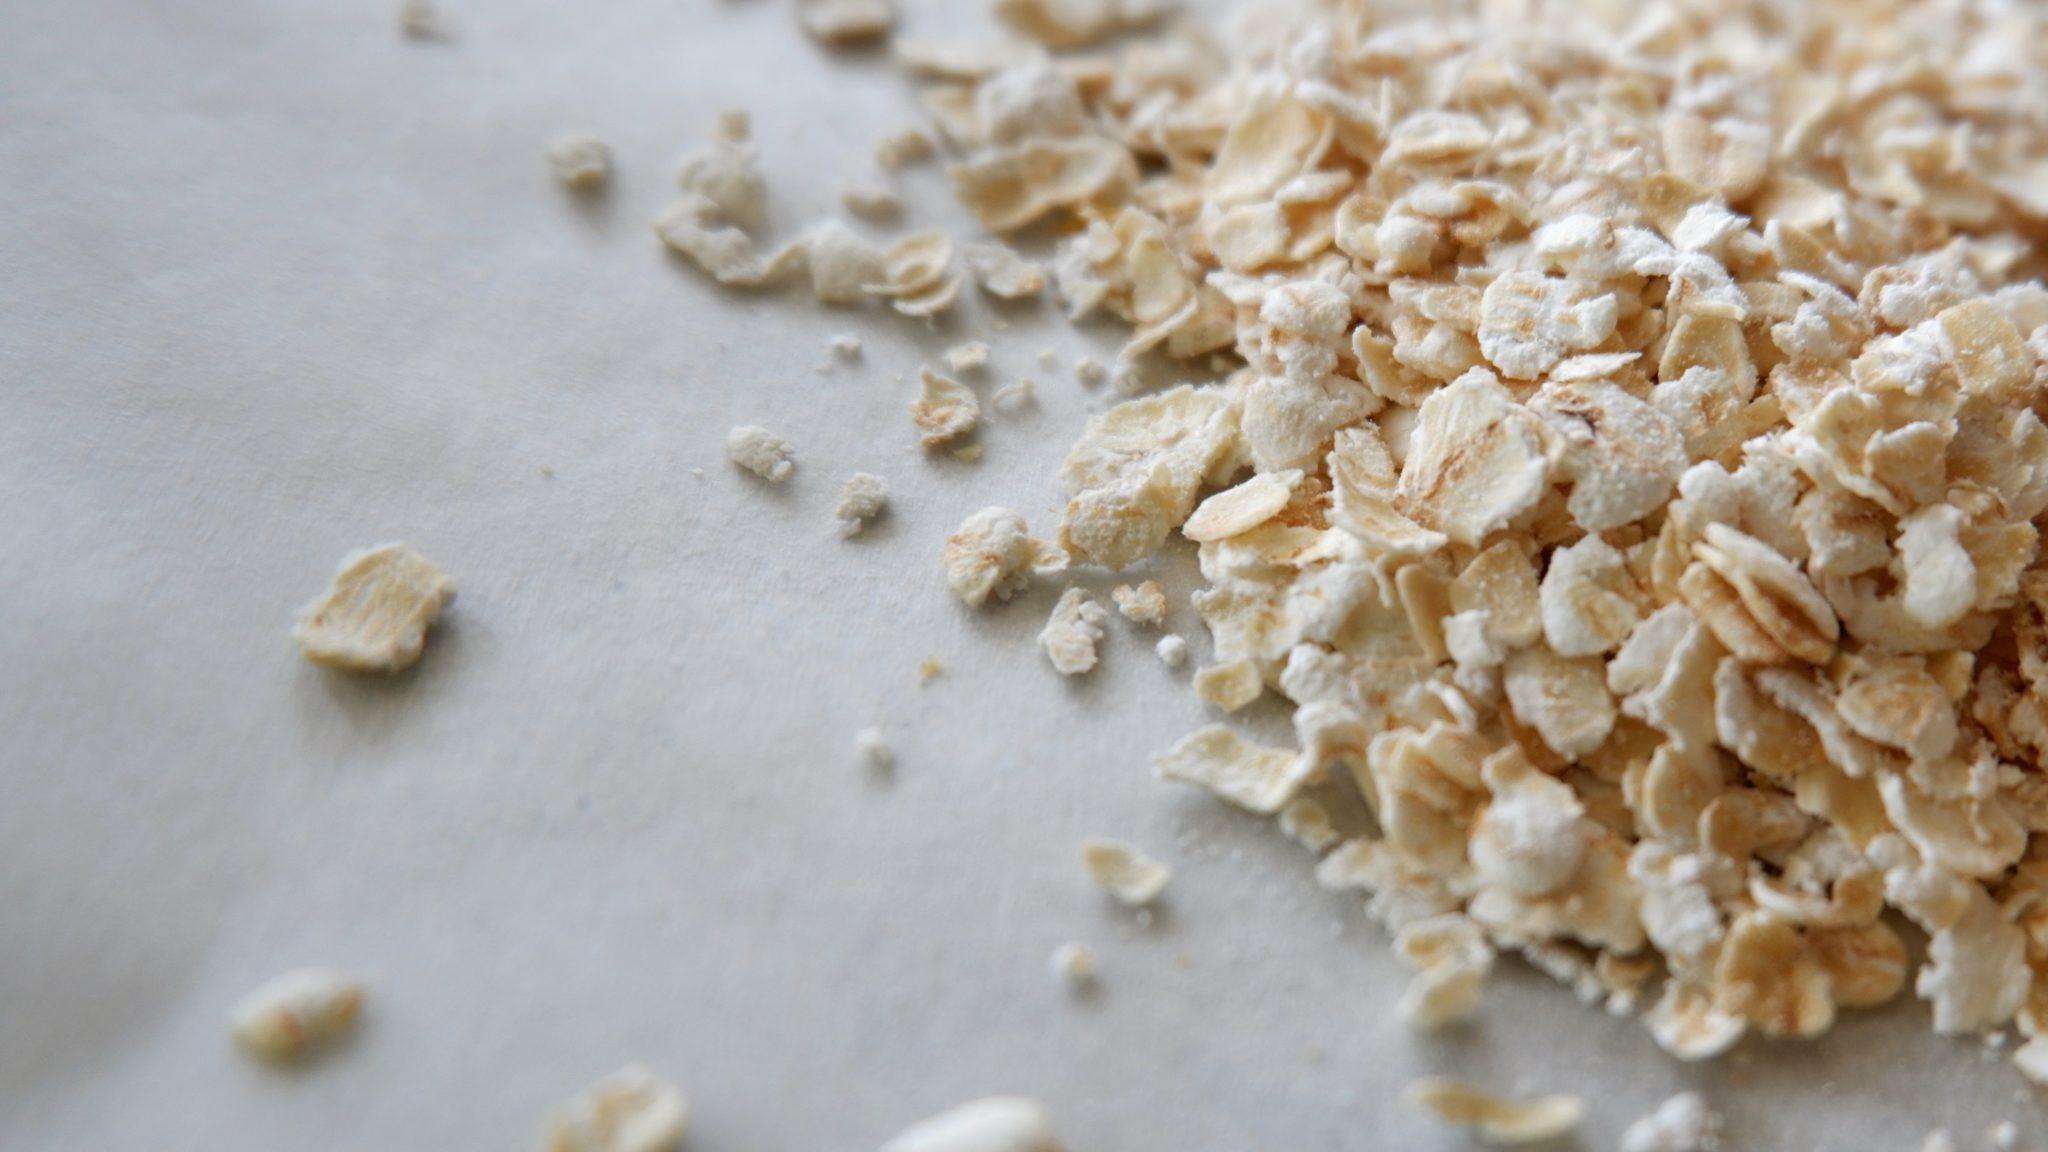 3/4 cup granulated sugar in grams